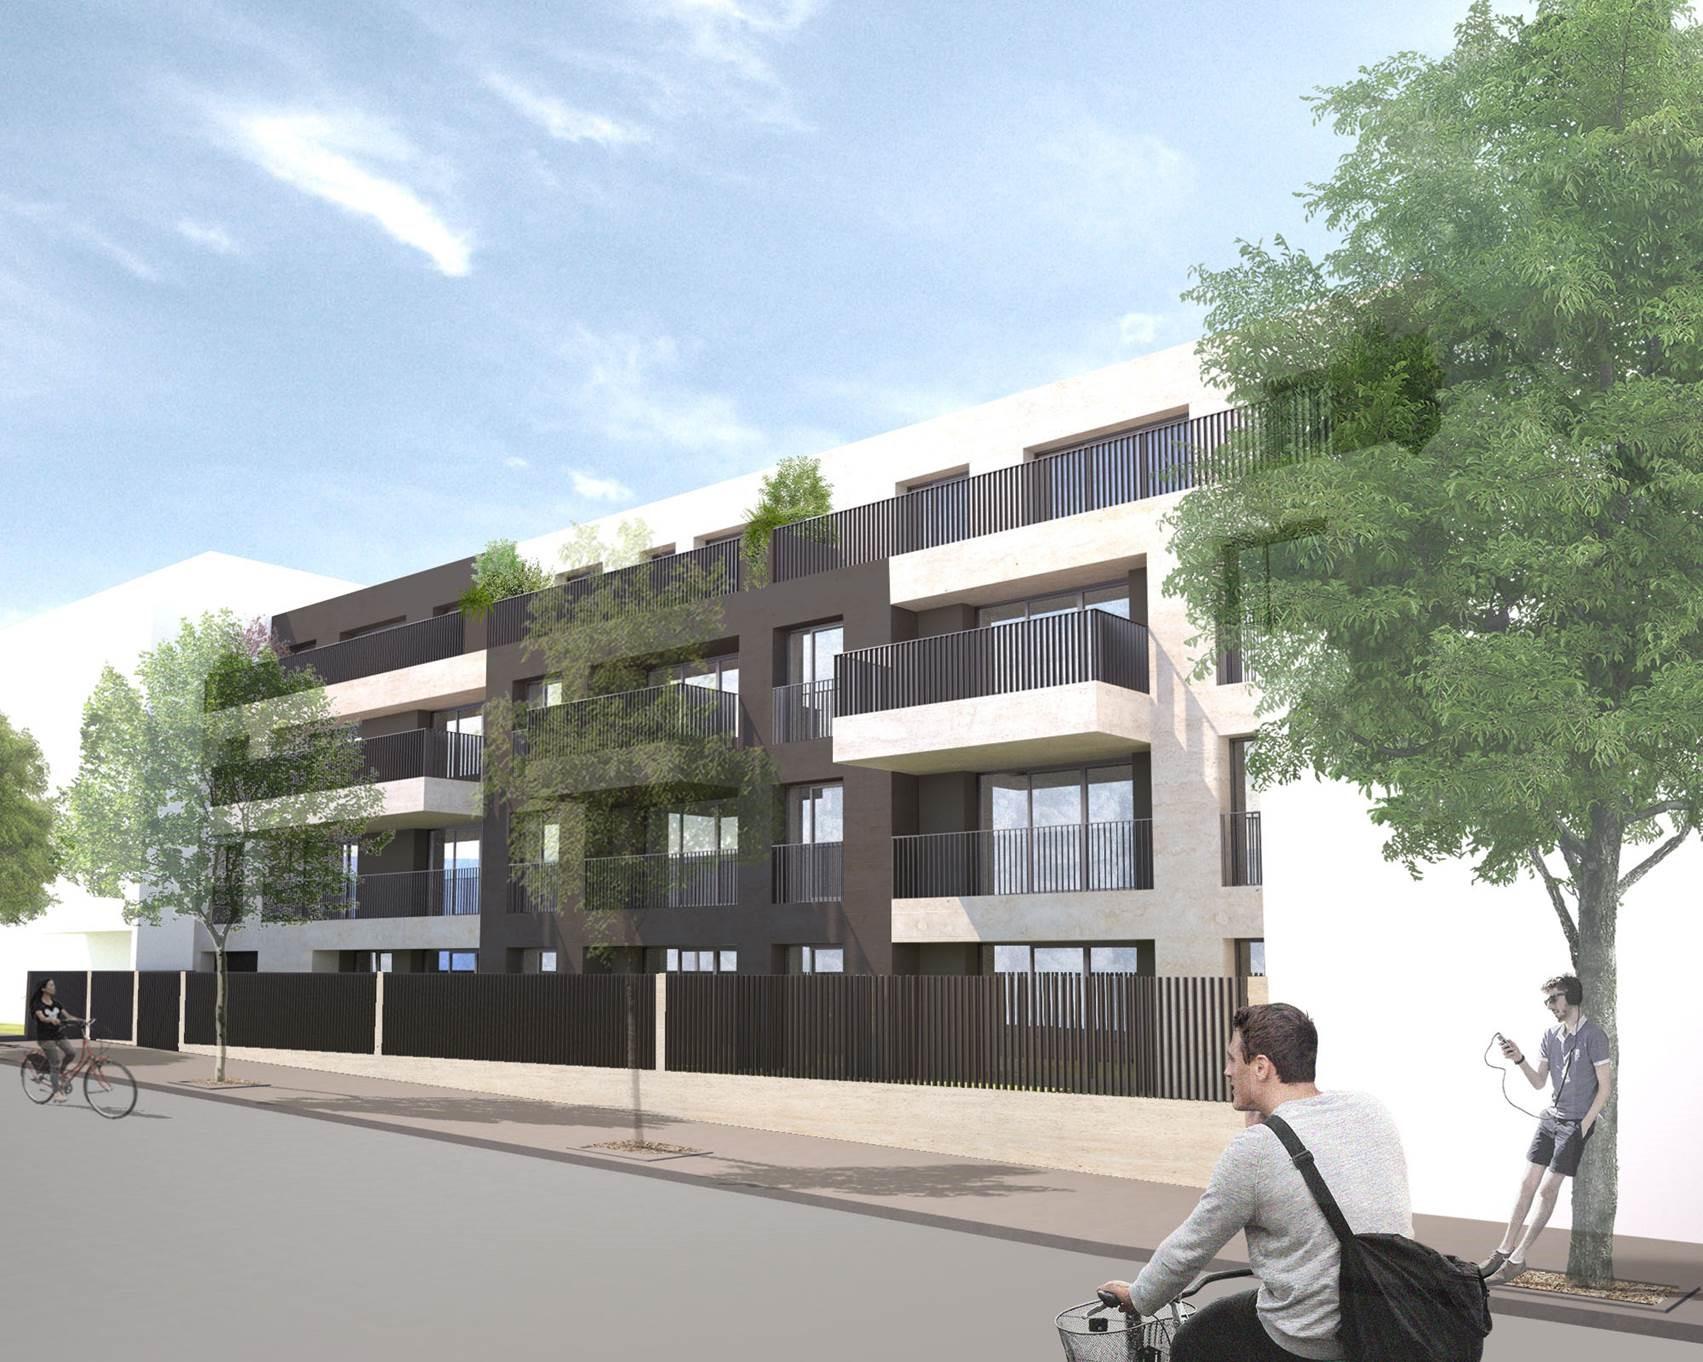 Construction de 24 logements pour le Groupe Accueil à Issy-les-Moulineaux